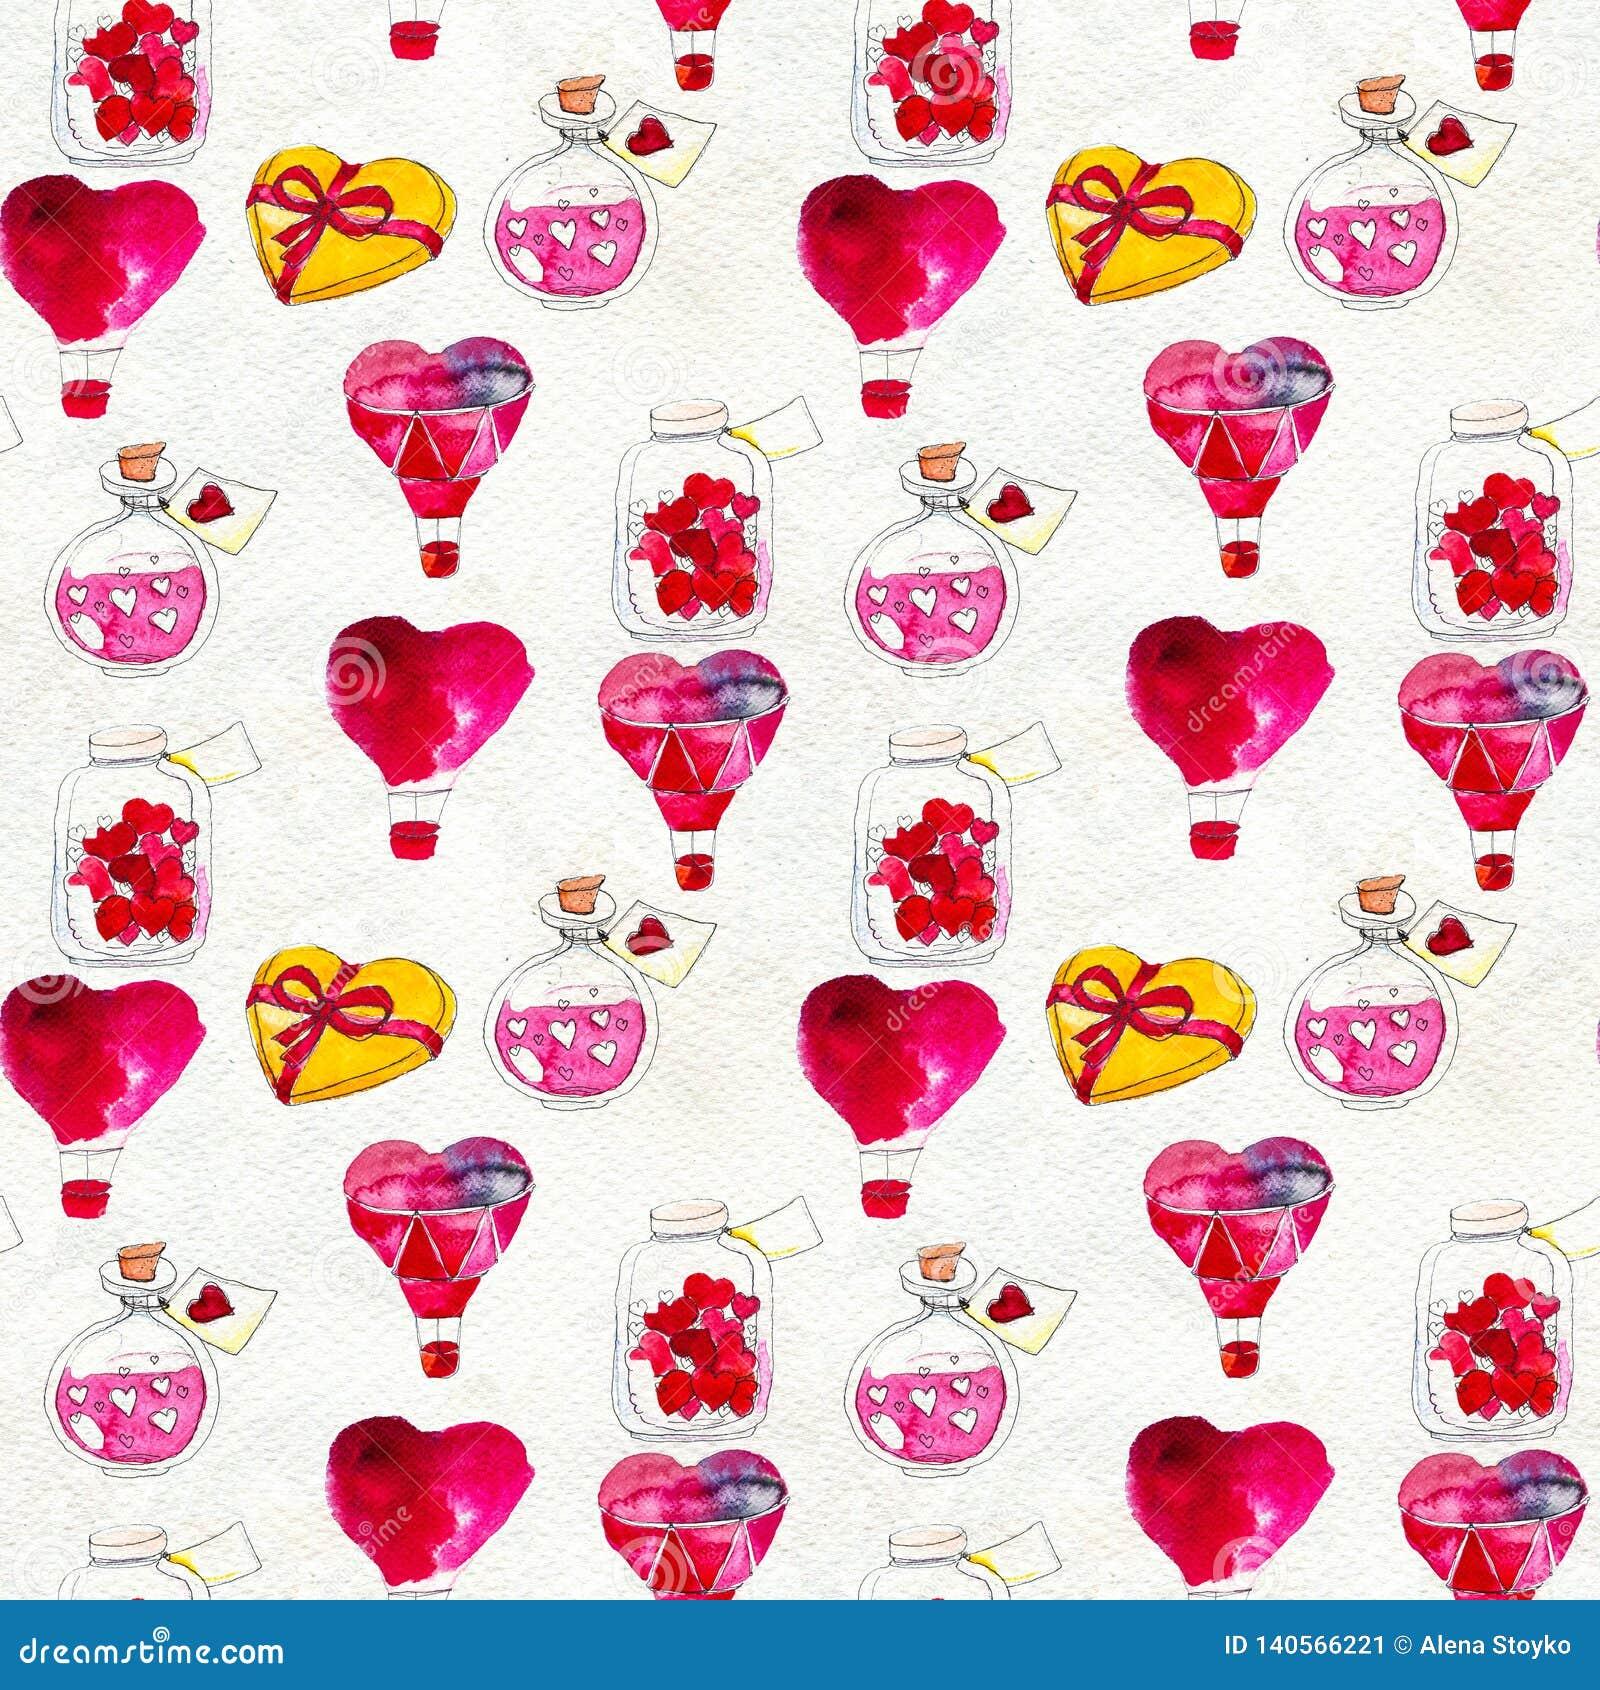 Άνευ ραφής βασισμένος σε μια απεικόνιση watercolor Μπαλόνι υπό μορφή καρδιάς που πετά στον ουρανό